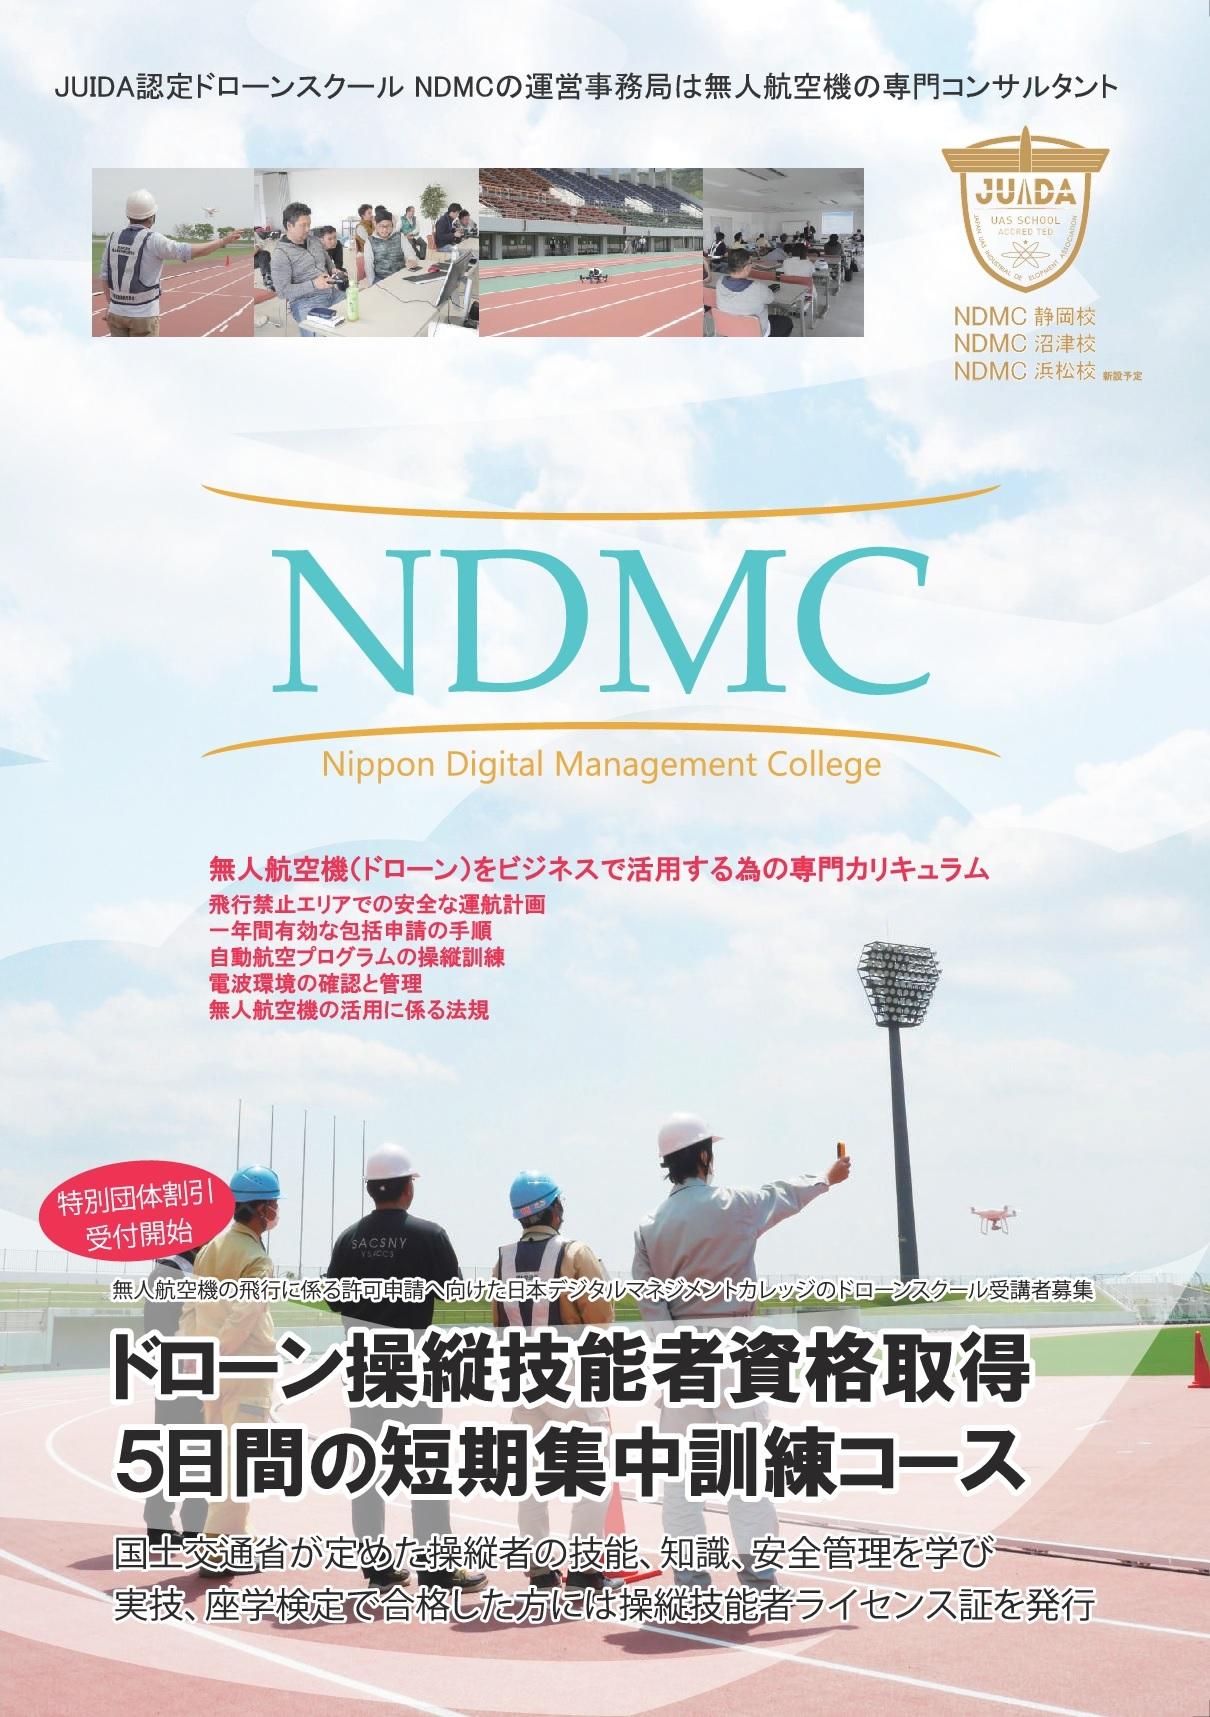 NDMC-S-S3